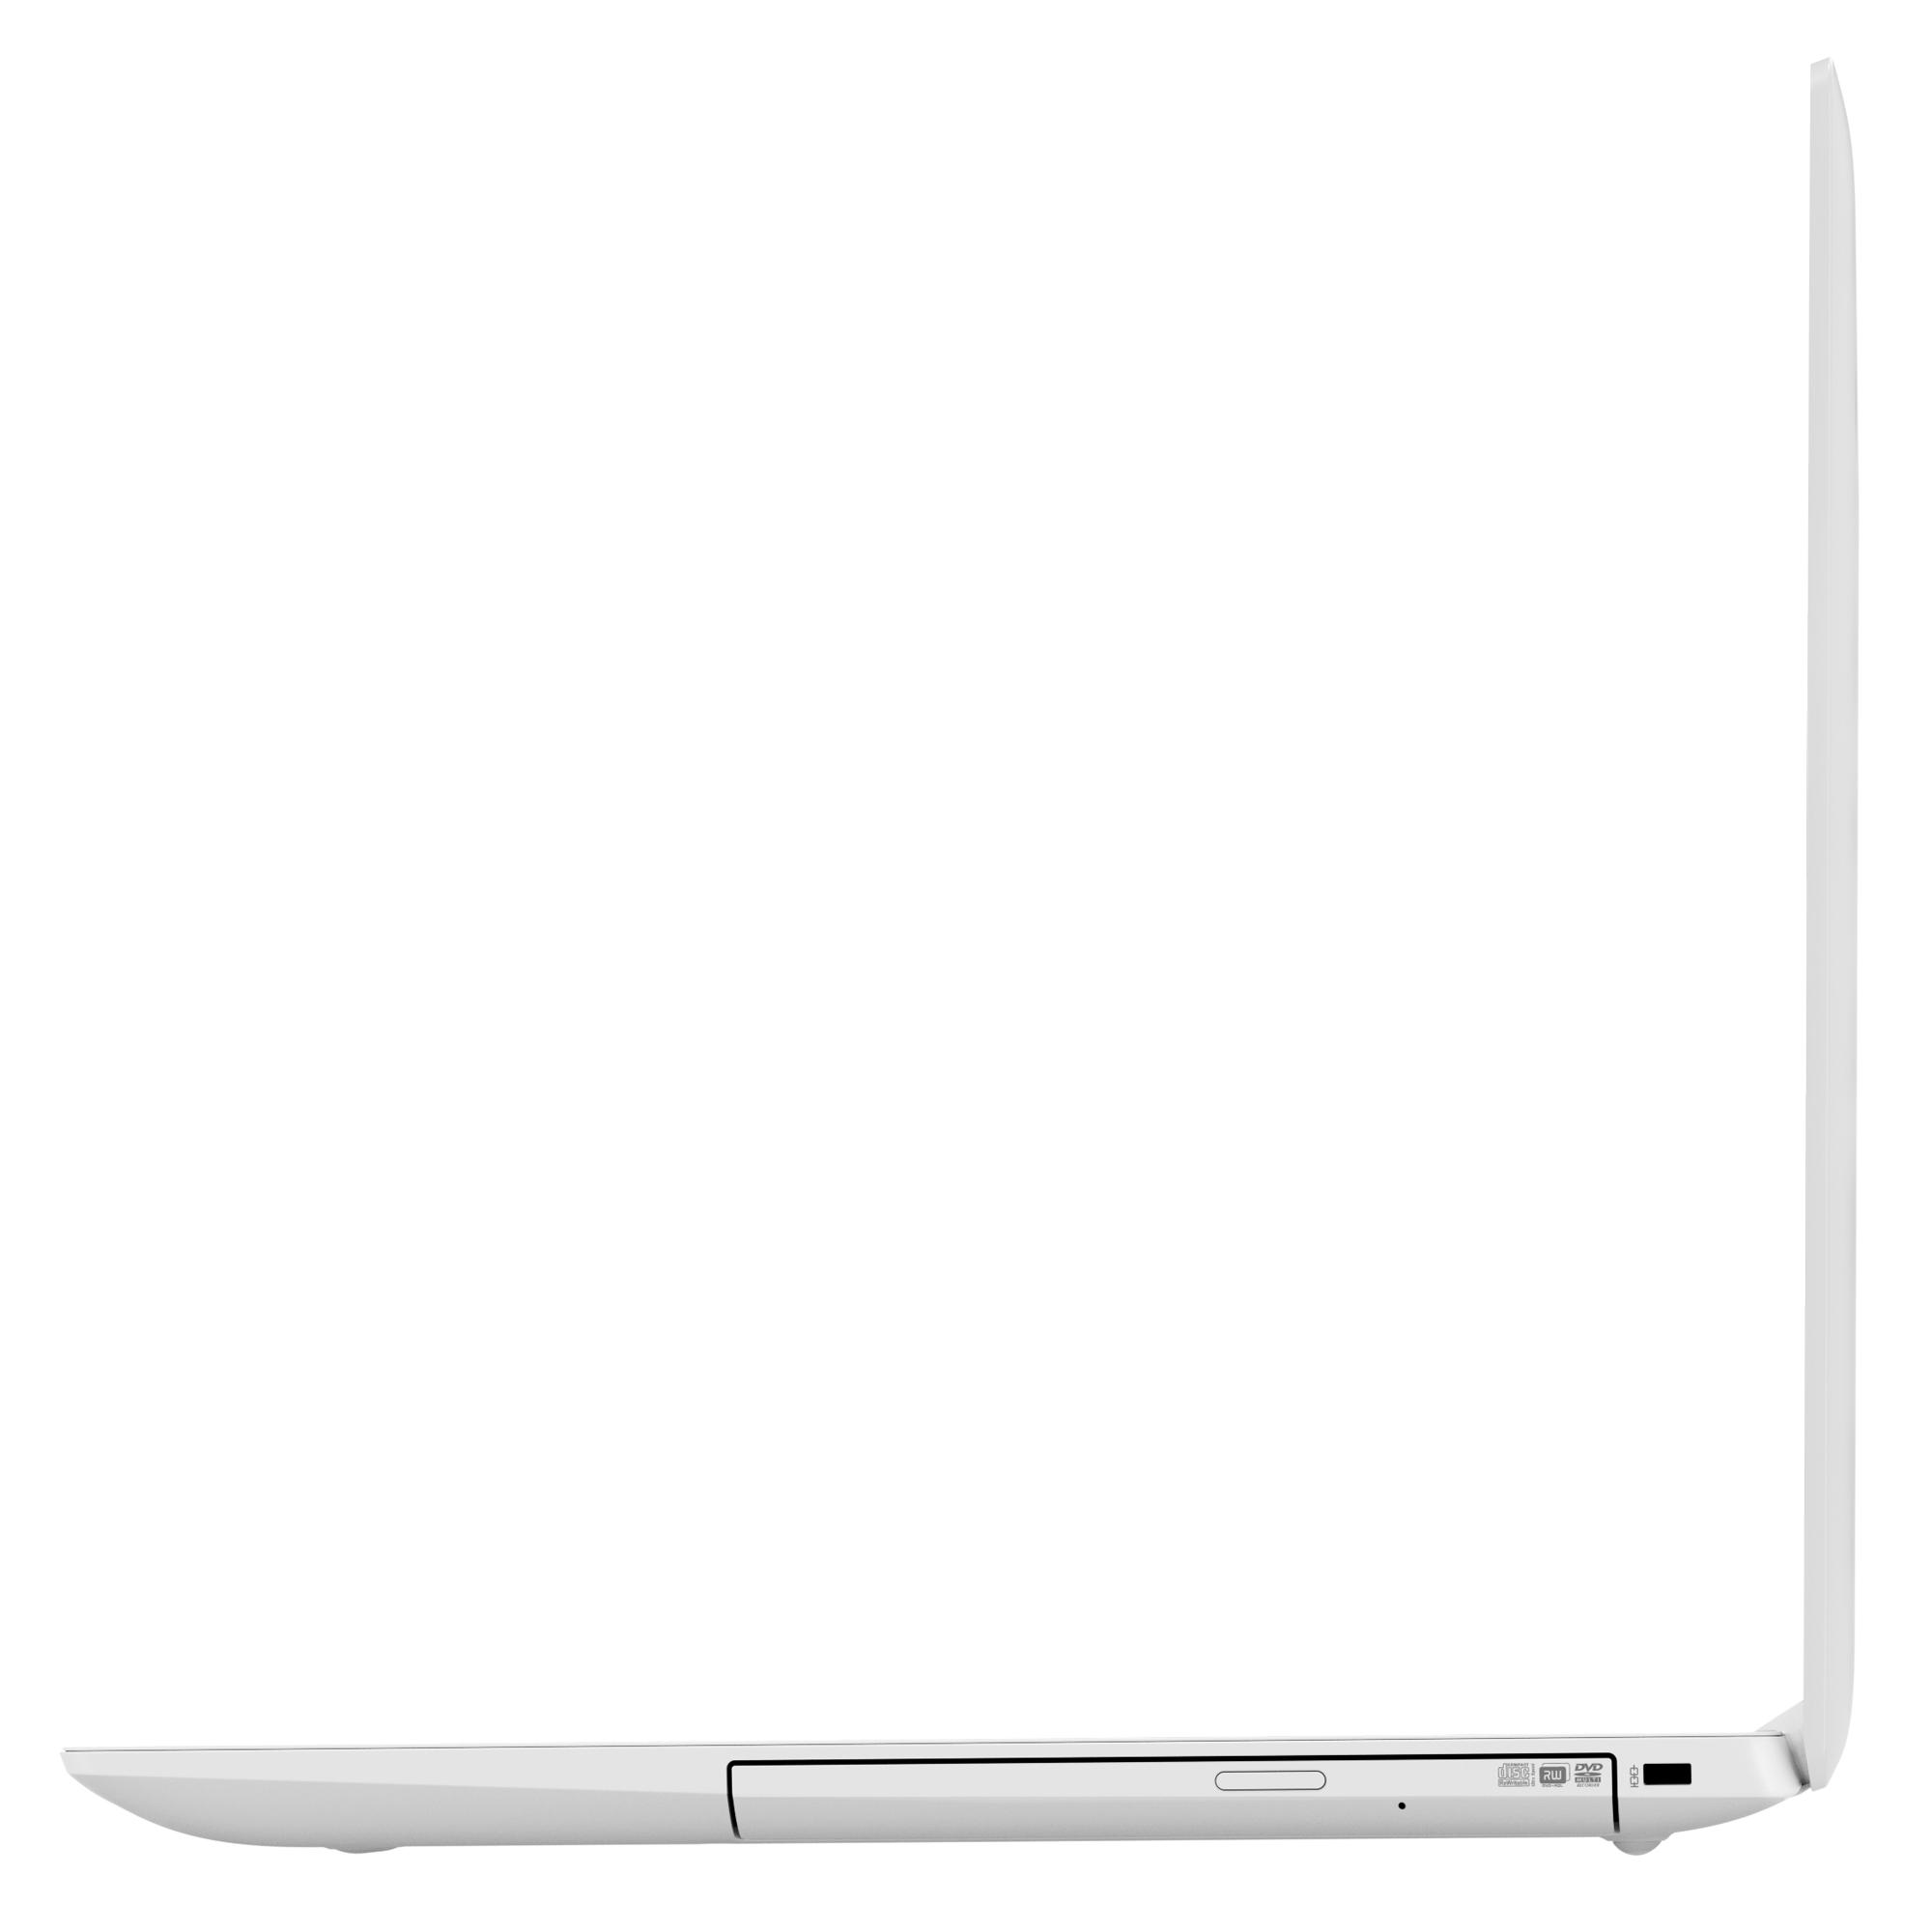 Фото  Ноутбук Lenovo ideapad 330-15 Blizzard White (81DC0127RA)